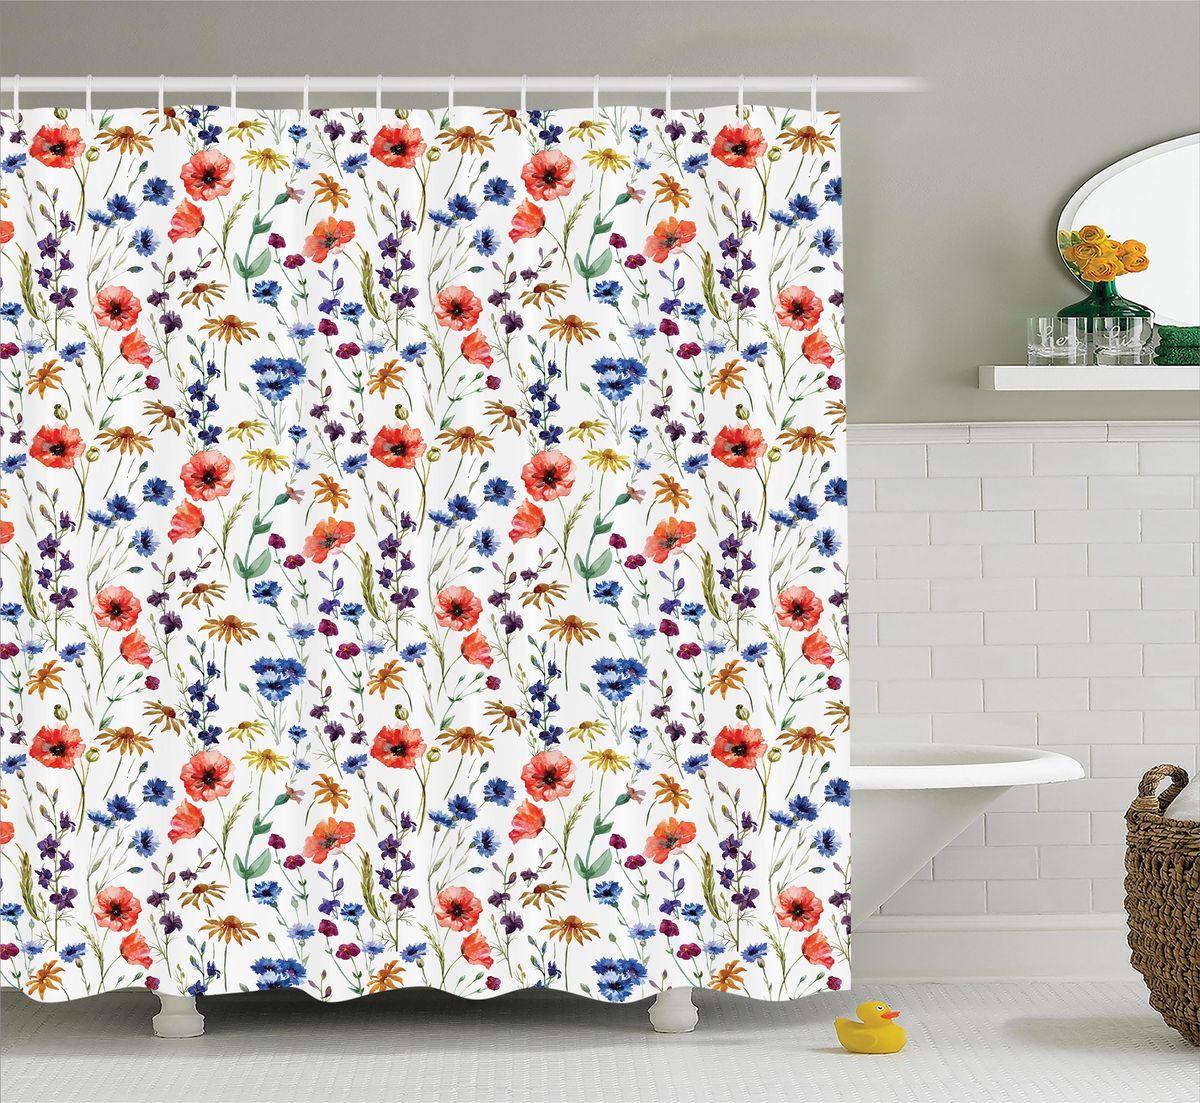 Штора для ванной комнаты Magic Lady Полевые цветы, 180 х 200 см19201Штора Magic Lady Полевые цветы, изготовленная из высококачественного сатена (полиэстер 100%), отлично дополнит любой интерьер ванной комнаты. При изготовлении используются специальные гипоаллергенные чернила для прямой печати по ткани, безопасные для человека.В комплекте: 1 штора, 12 крючков. Обращаем ваше внимание, фактический цвет изделия может незначительно отличаться от представленного на фото.